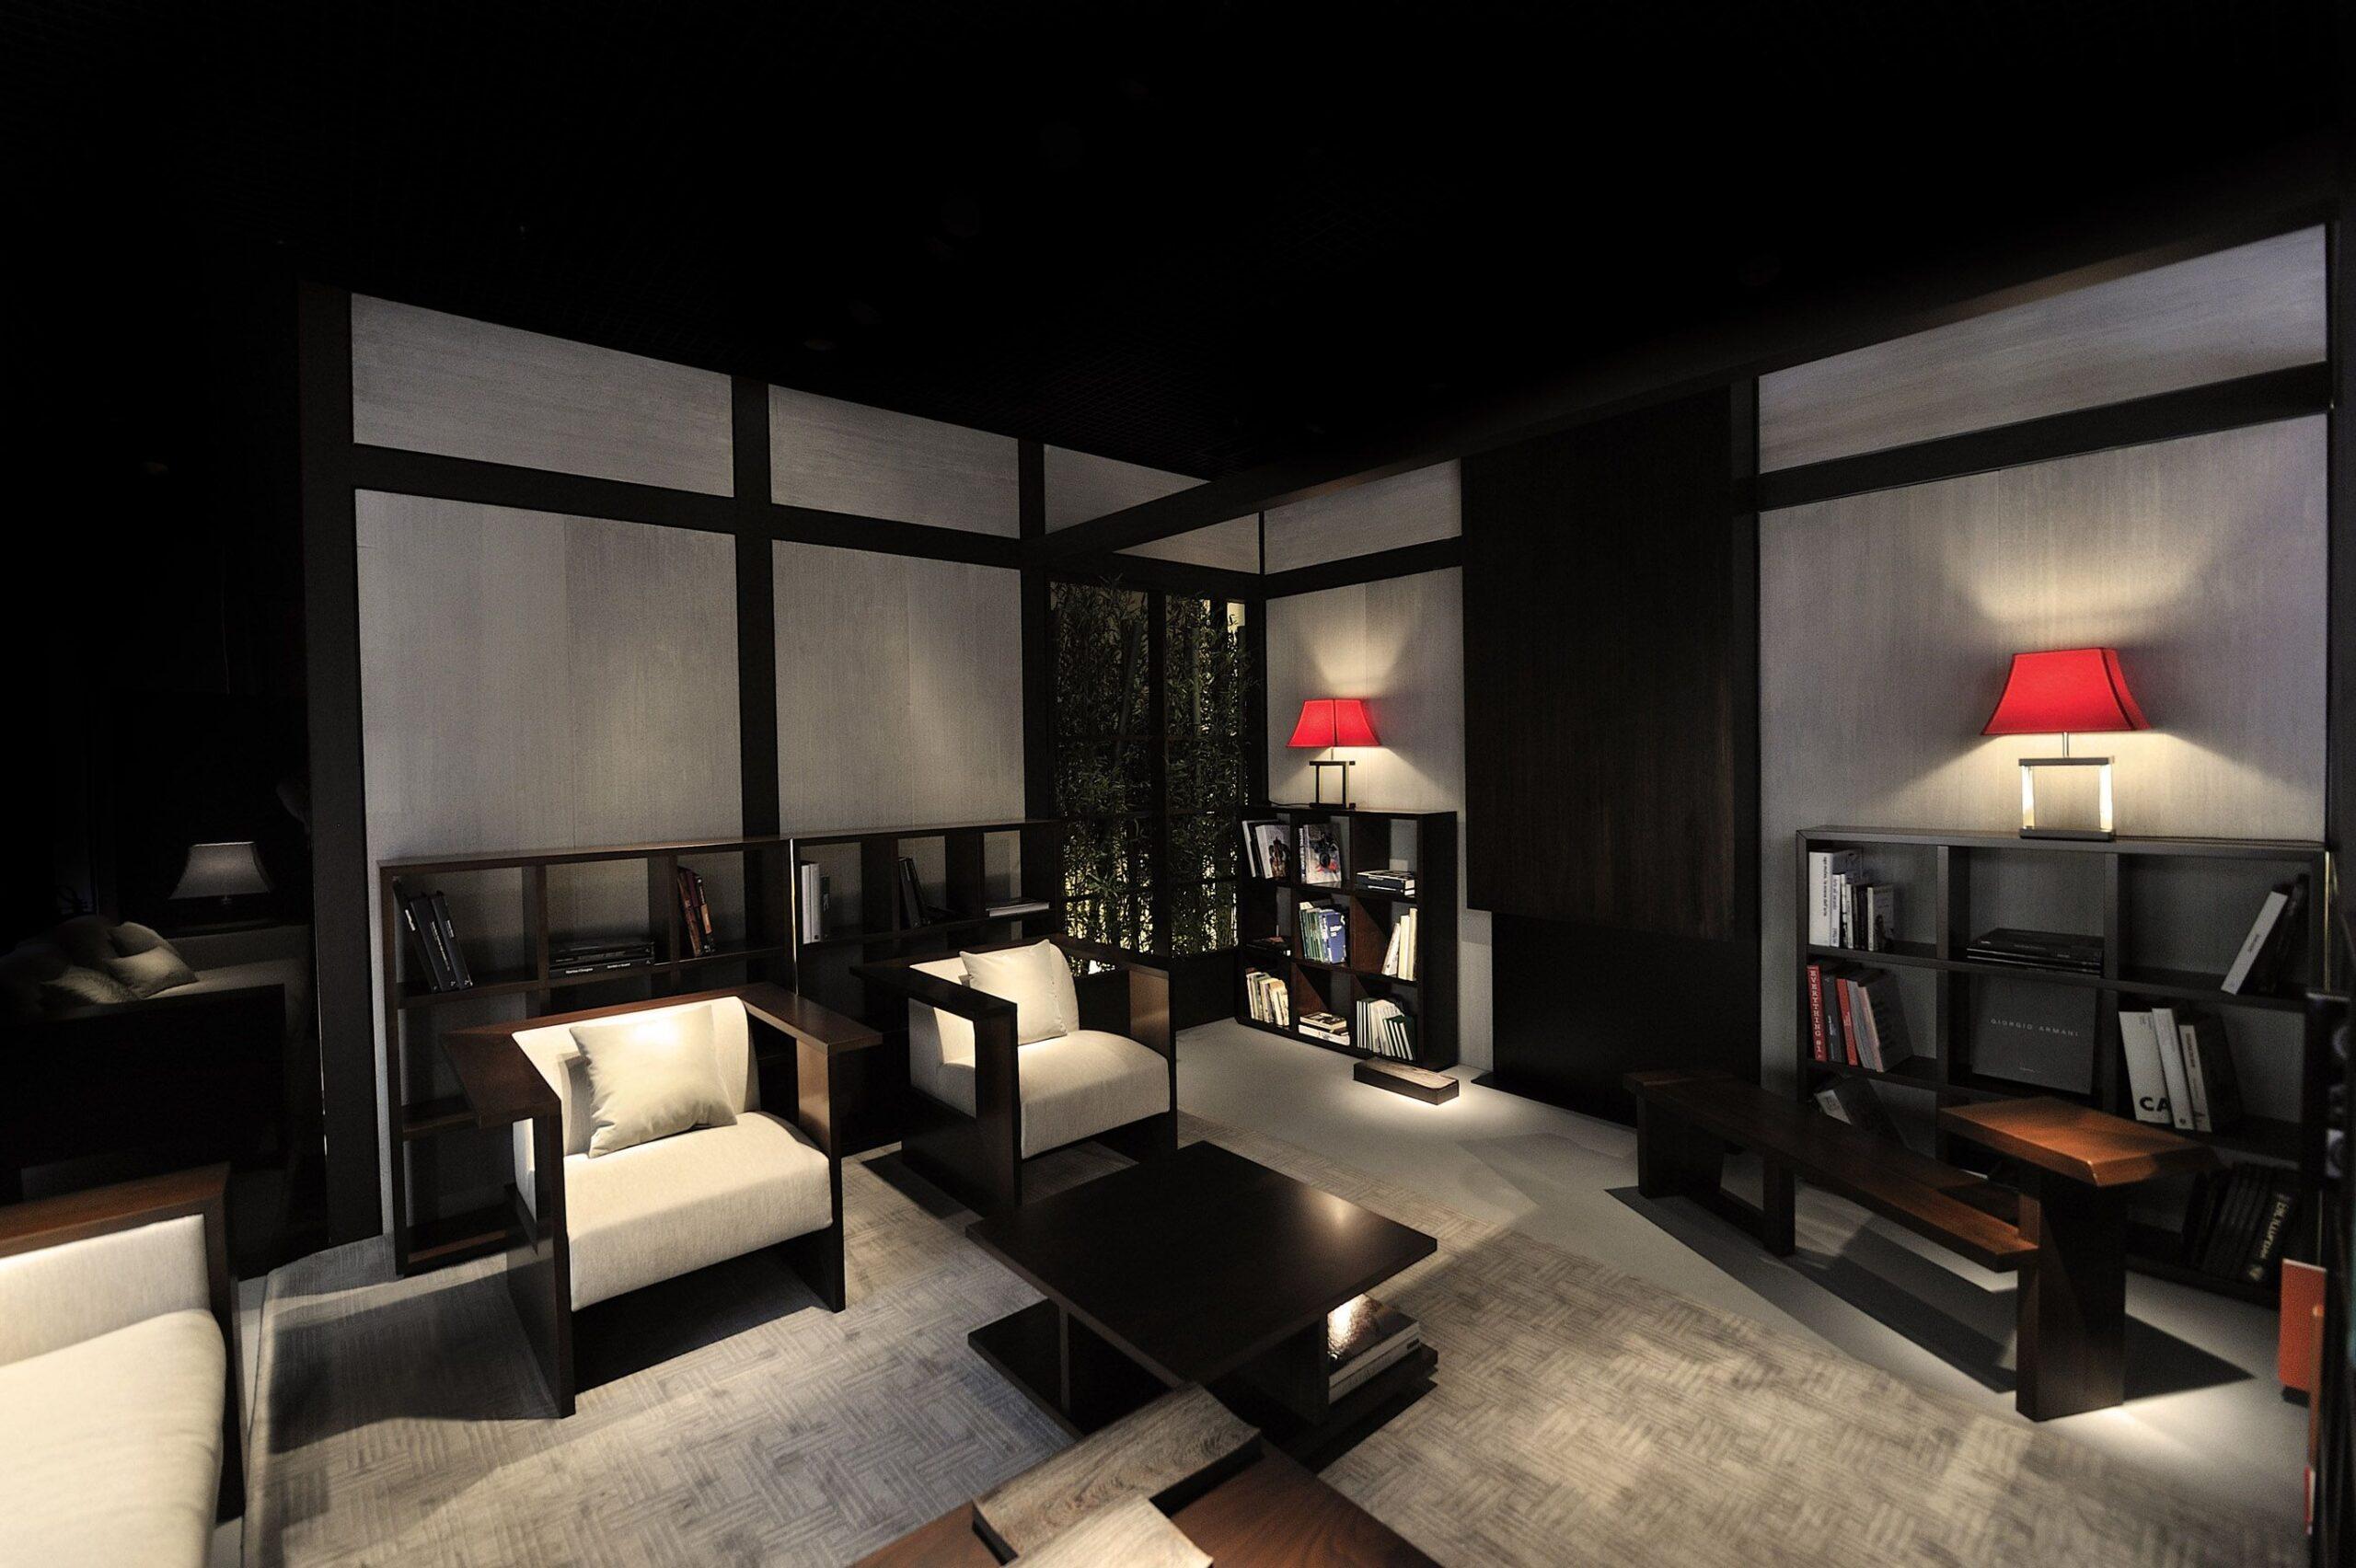 Una casa firmata Armani, Missoni e Ralph Lauren